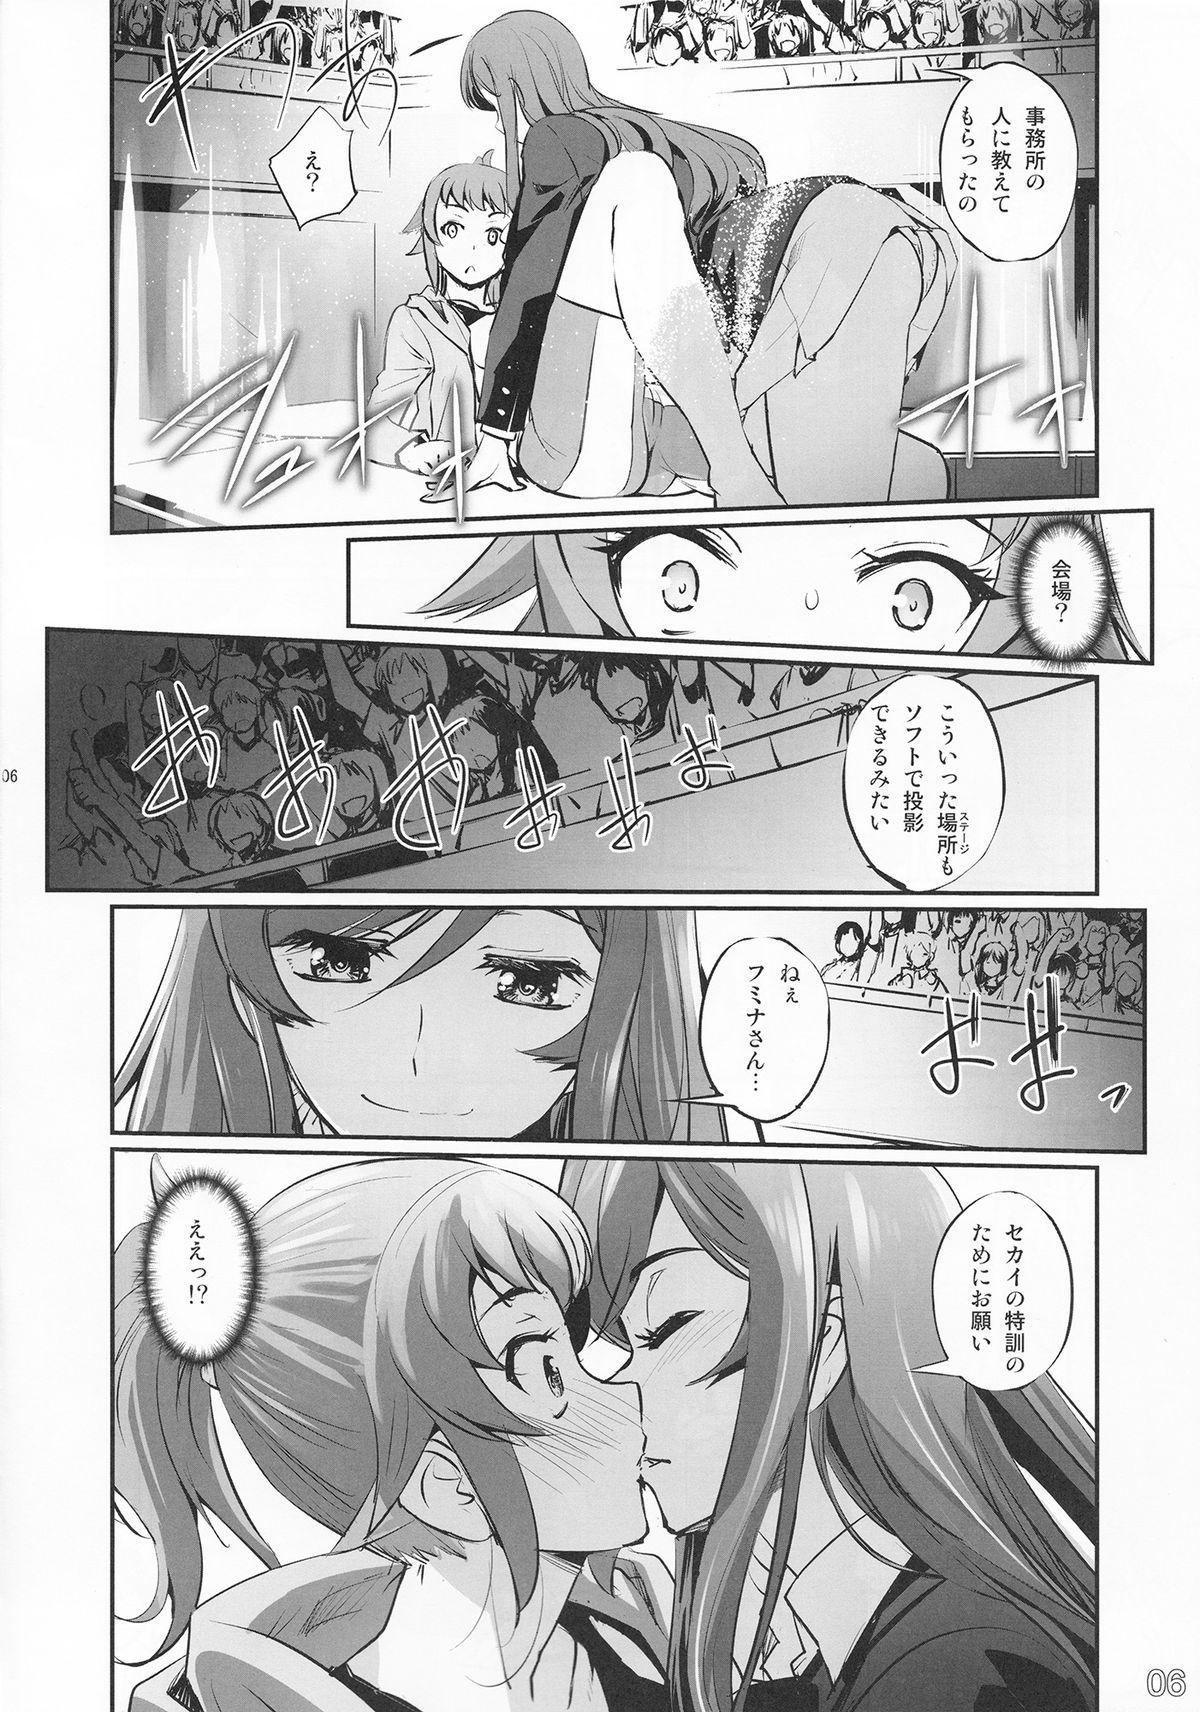 Senpai to Ane to Seiteki Himitsu Tokkun 5